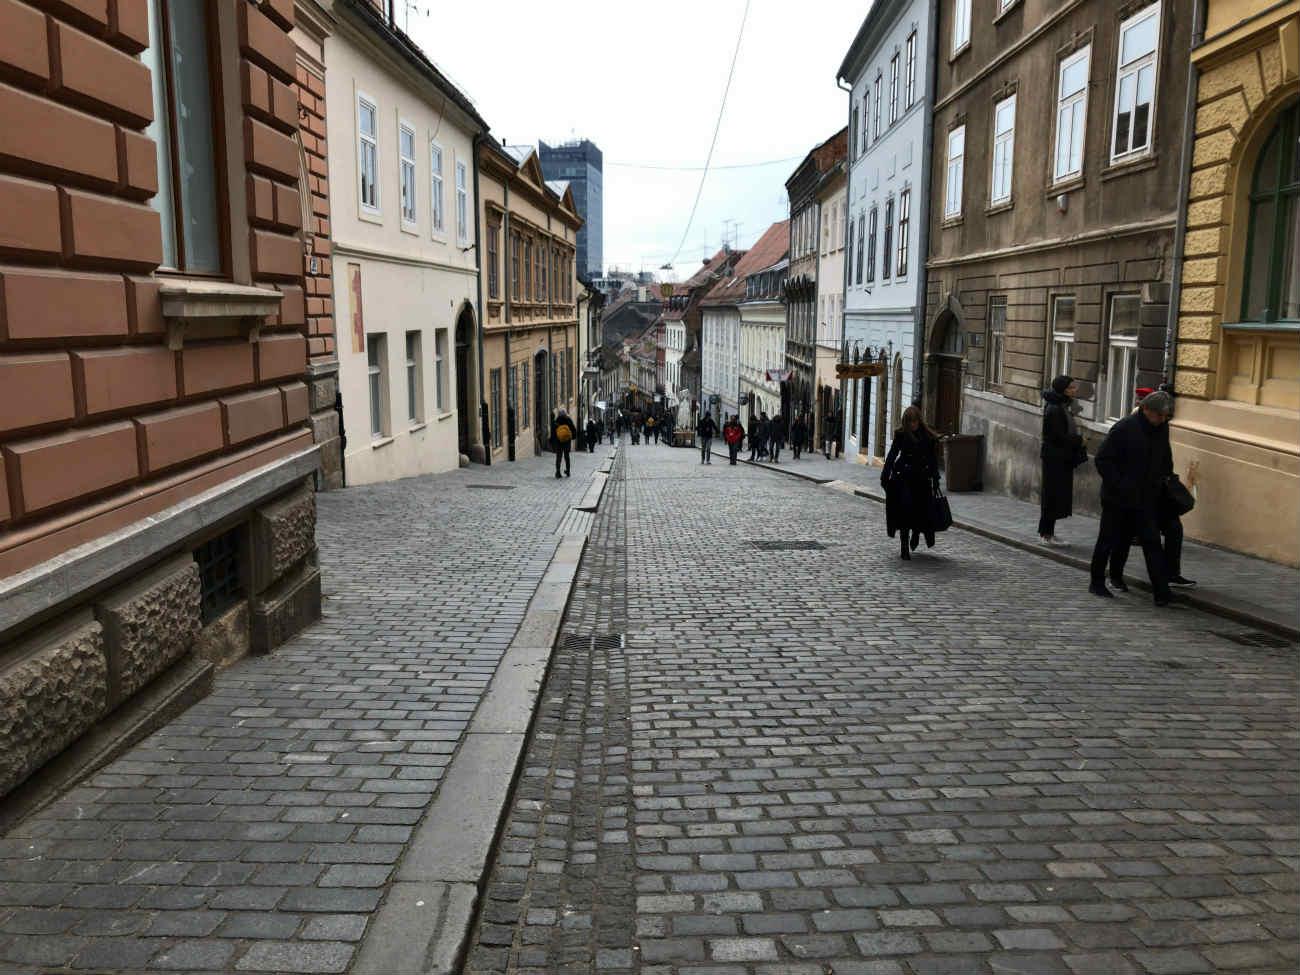 ザグレブ市内の石畳